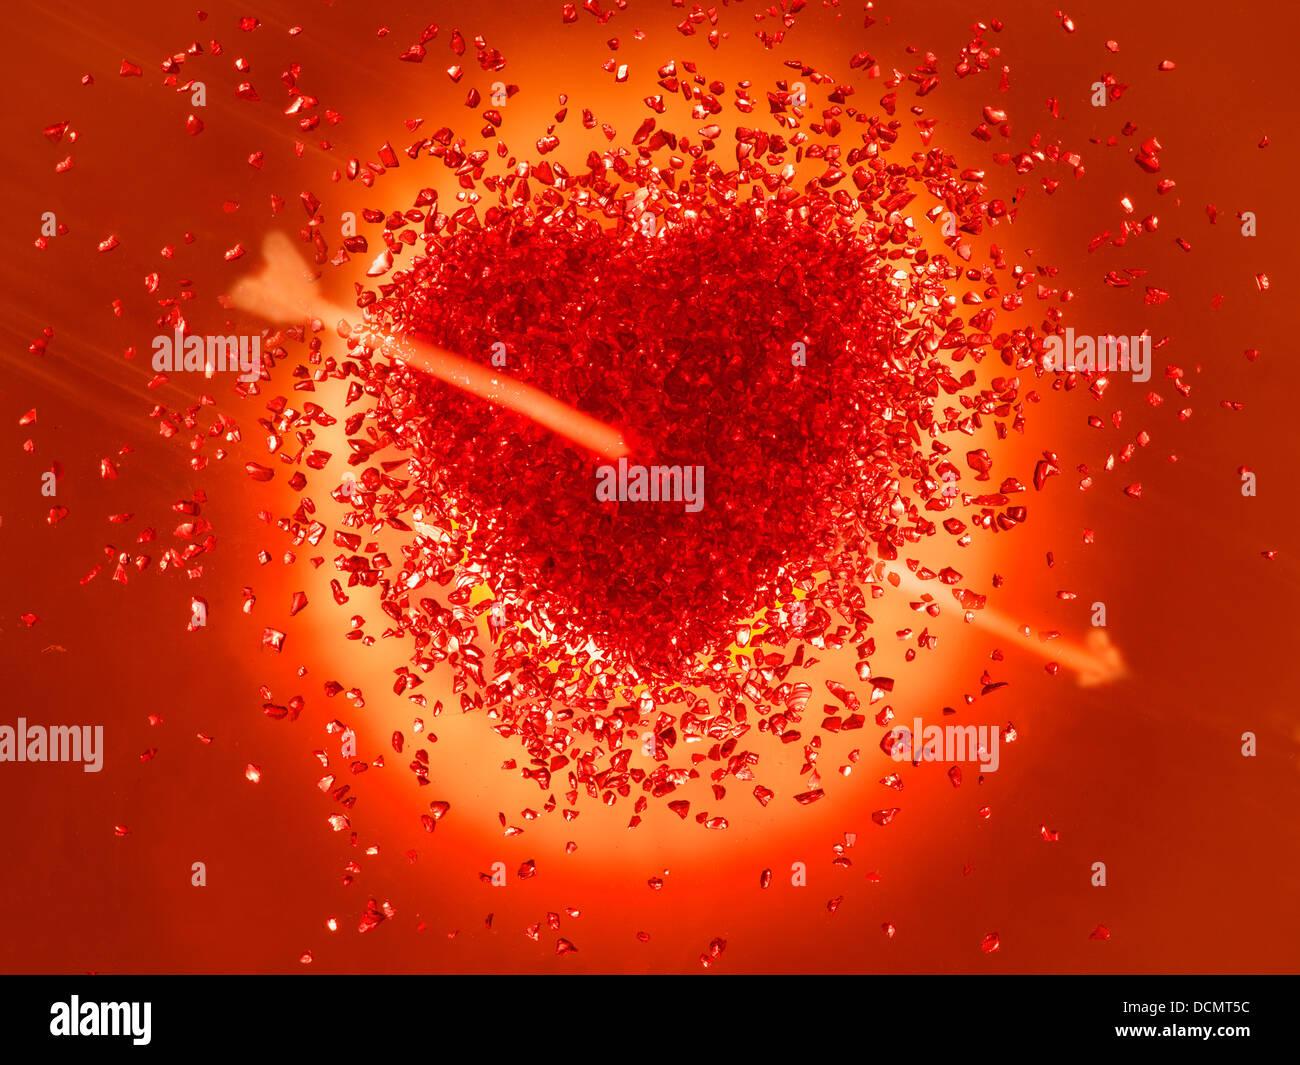 Heiße rote Herz durchbohrt mit einem Pfeil Stockbild